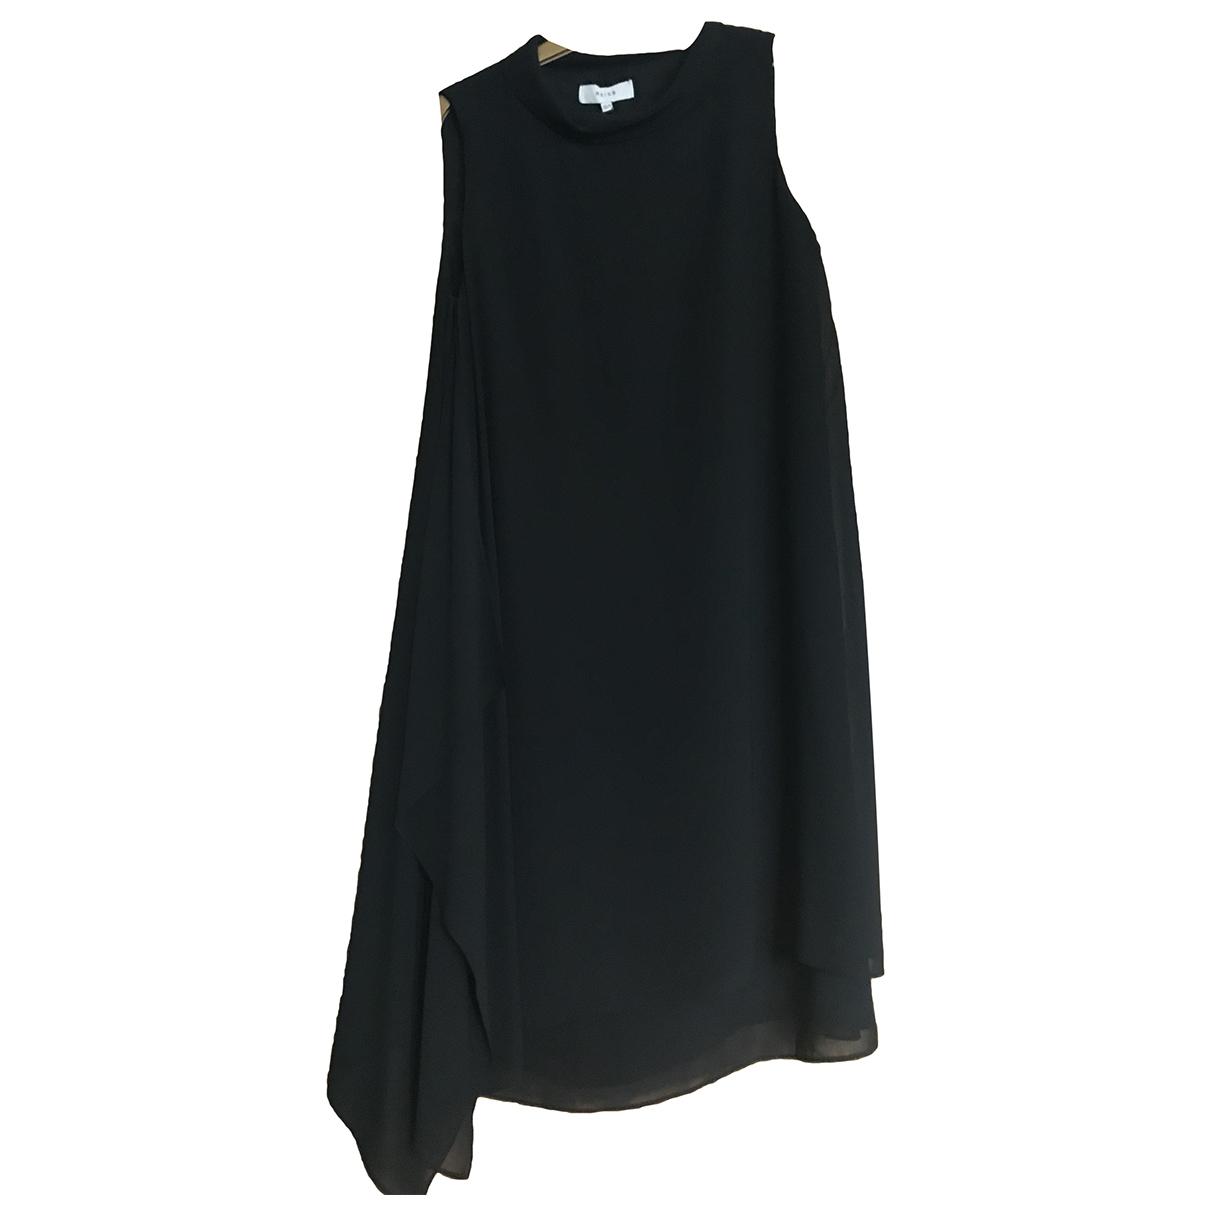 Reiss \N Black dress for Women 12 UK